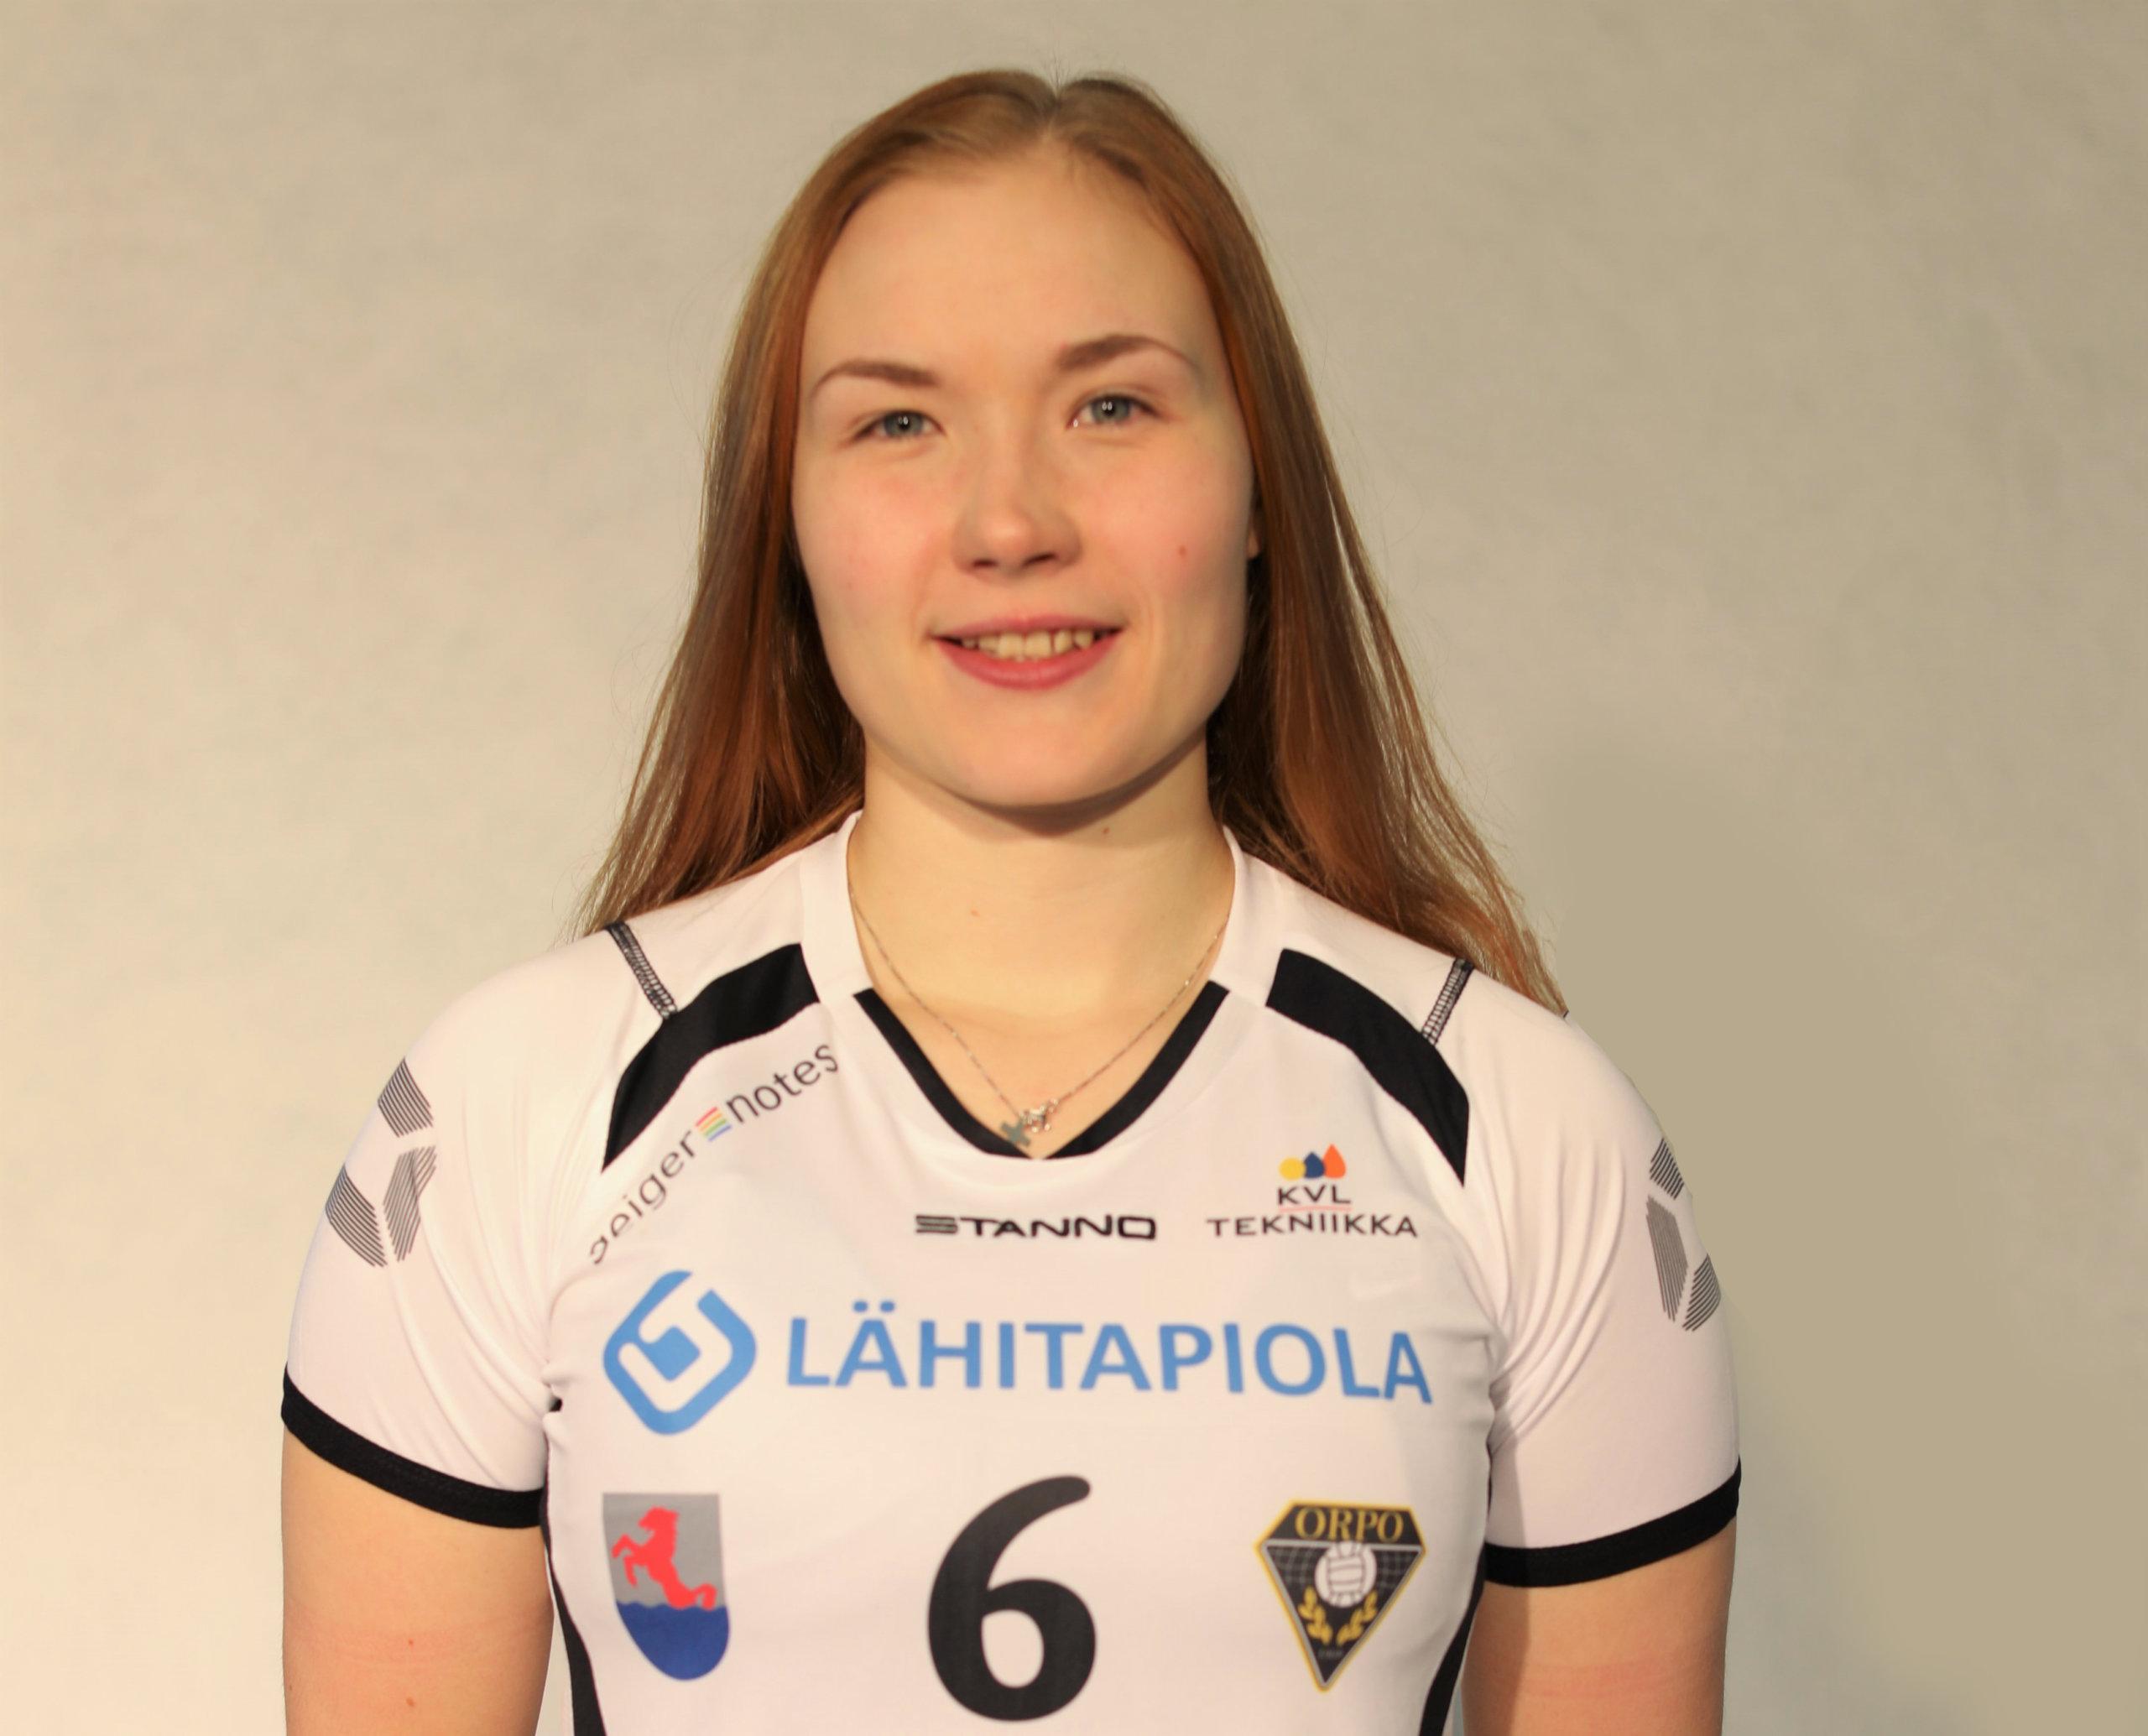 Emilia Putkisaari